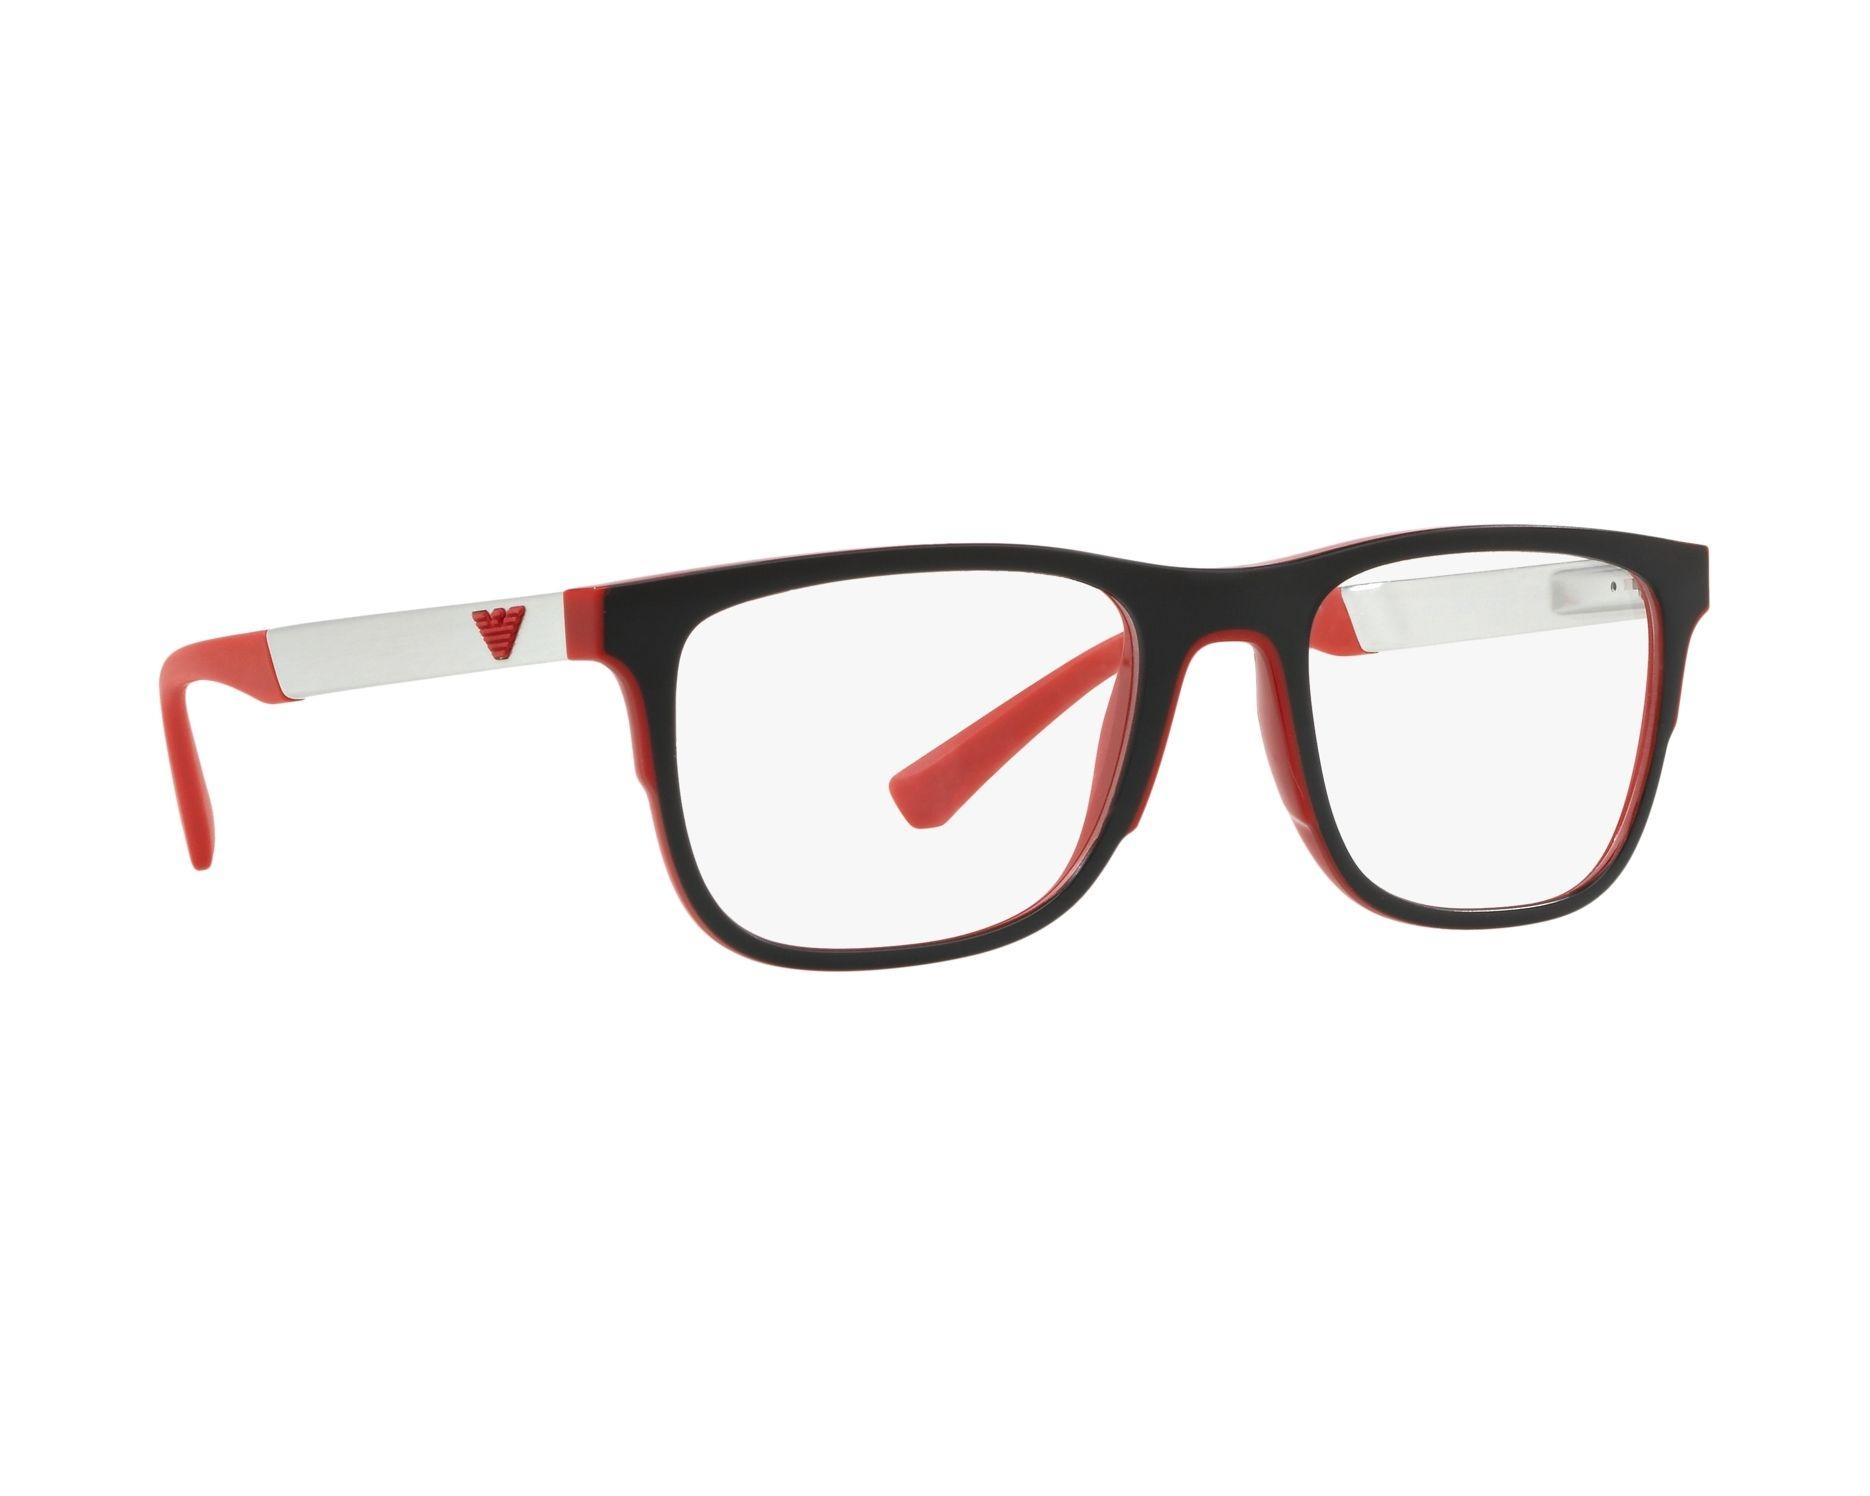 38bbbd908ad81 Gafas Graduadas Emporio Armani EA-3133 5665 - Negra Rojo Vista de 360  grados 12